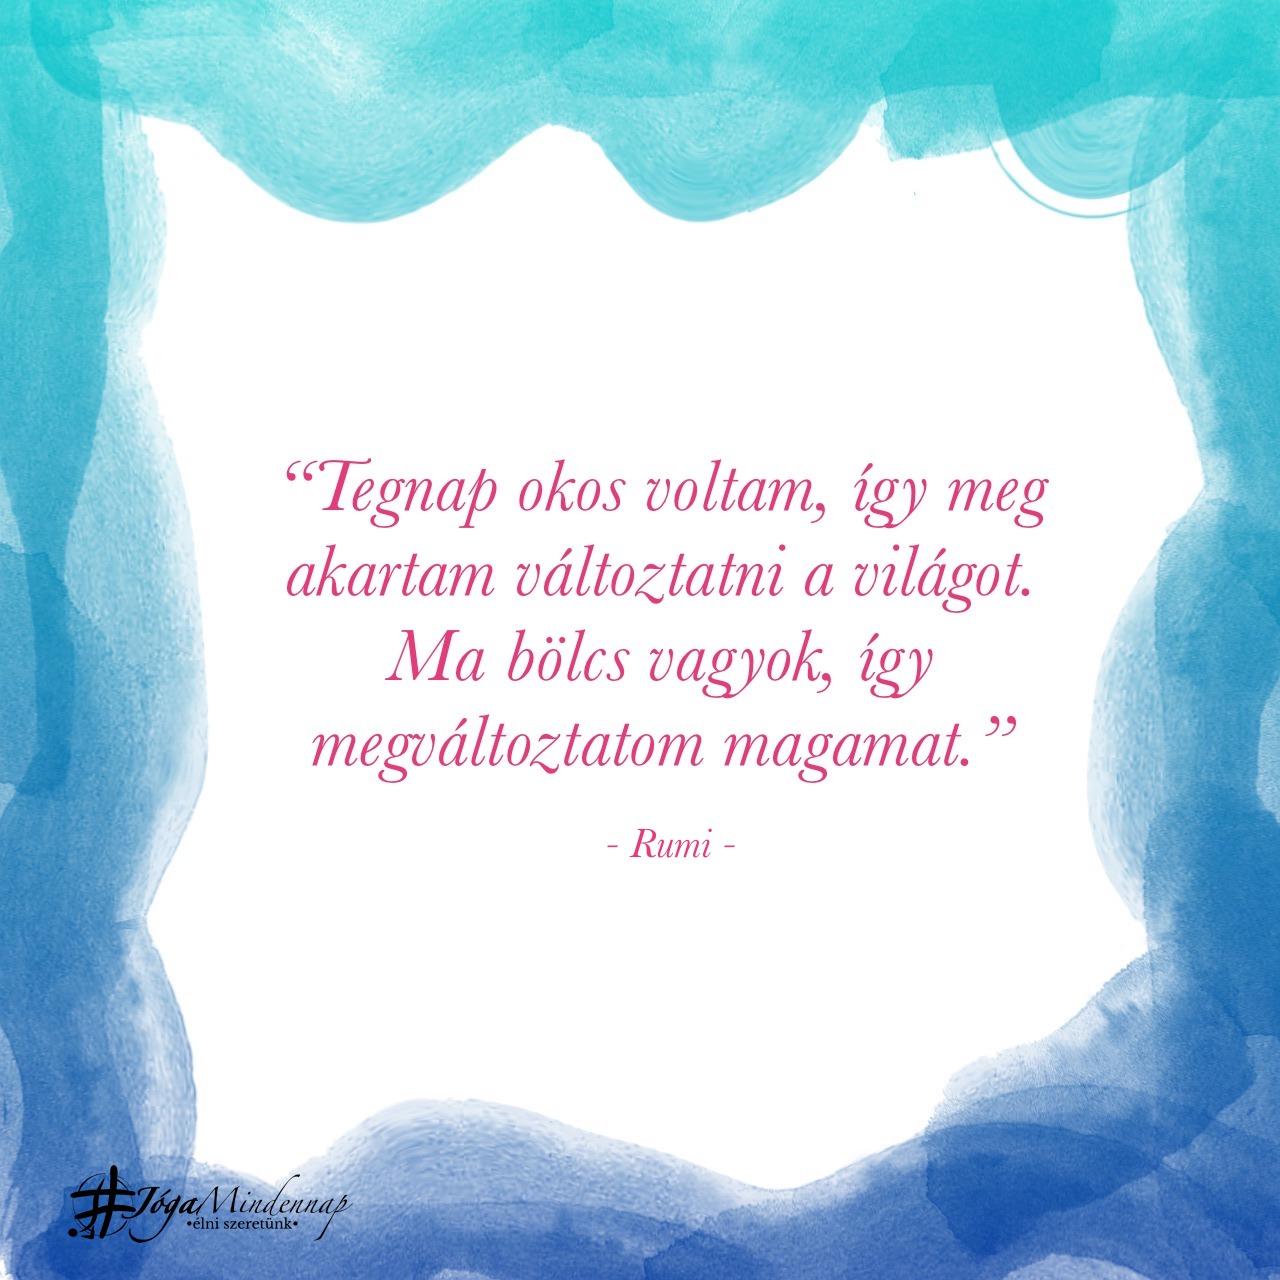 """""""Tegnap okos...Ma bölcs vagyok, így megváltoztatom magamat."""" - Rumi idézet - Jóga Mindennap meditáció motiváció megerősítés"""